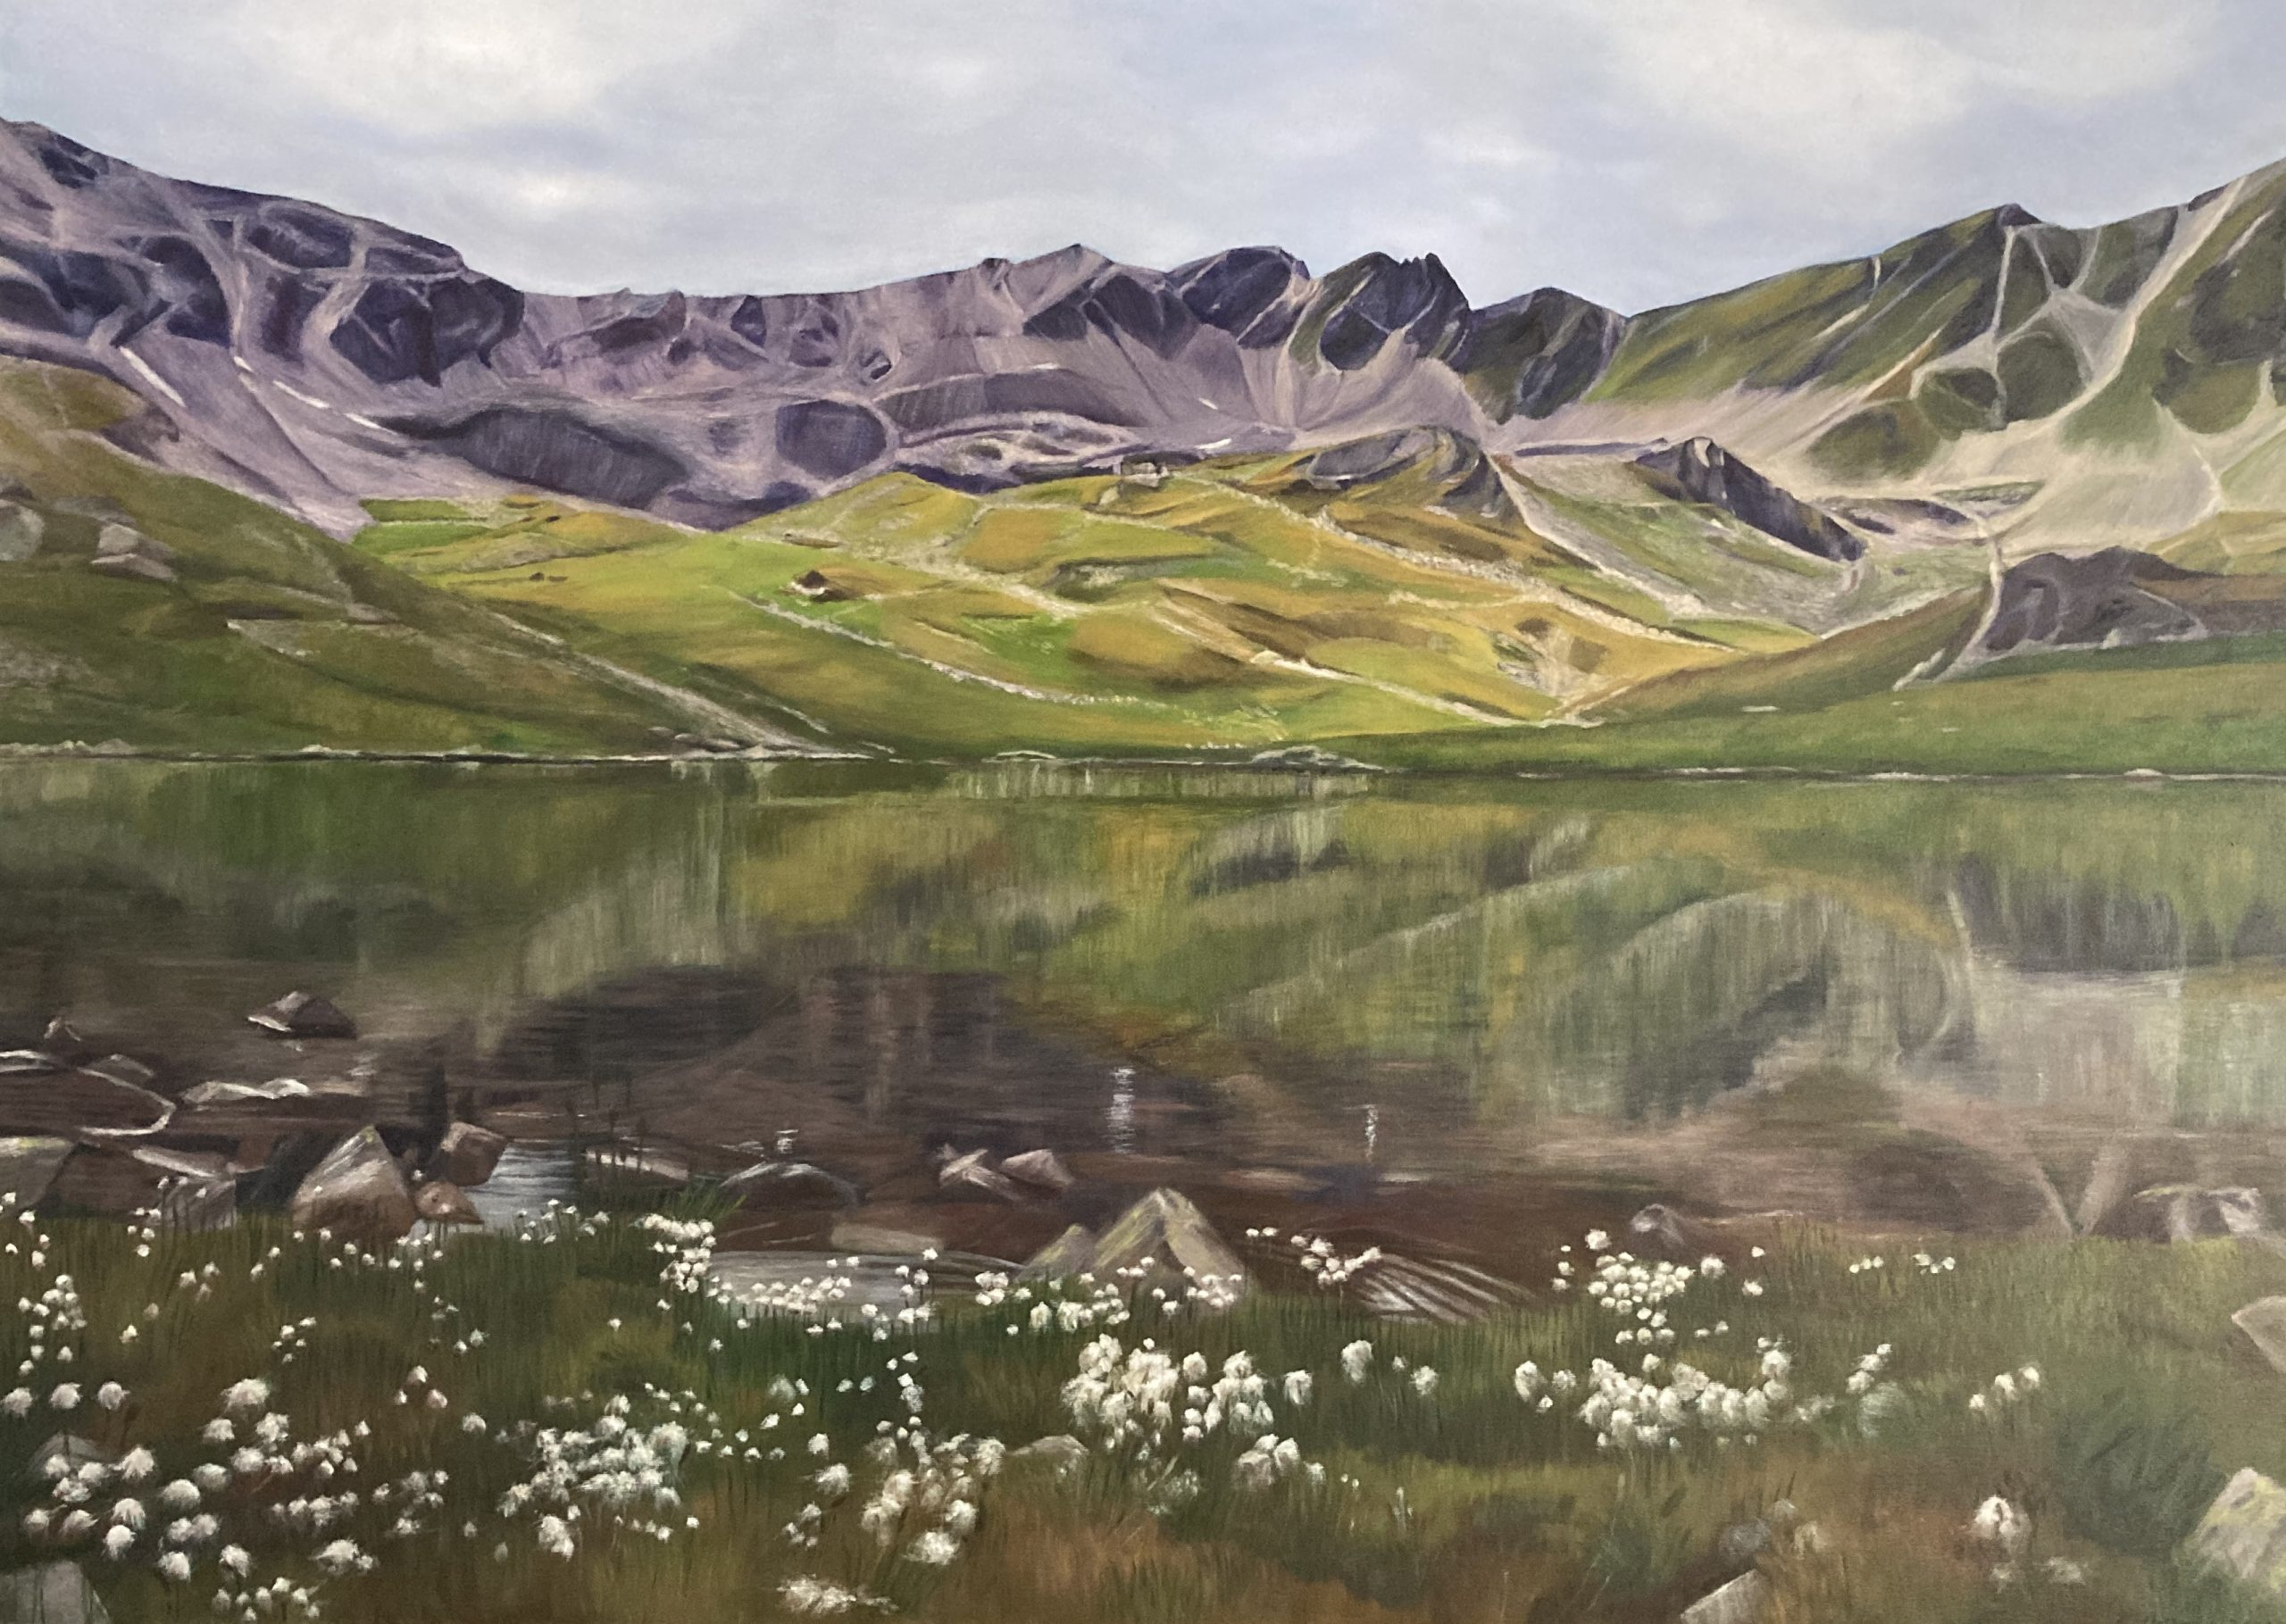 Macun lai d'Immez, 2021 (oil on canvas, 100x140cm)